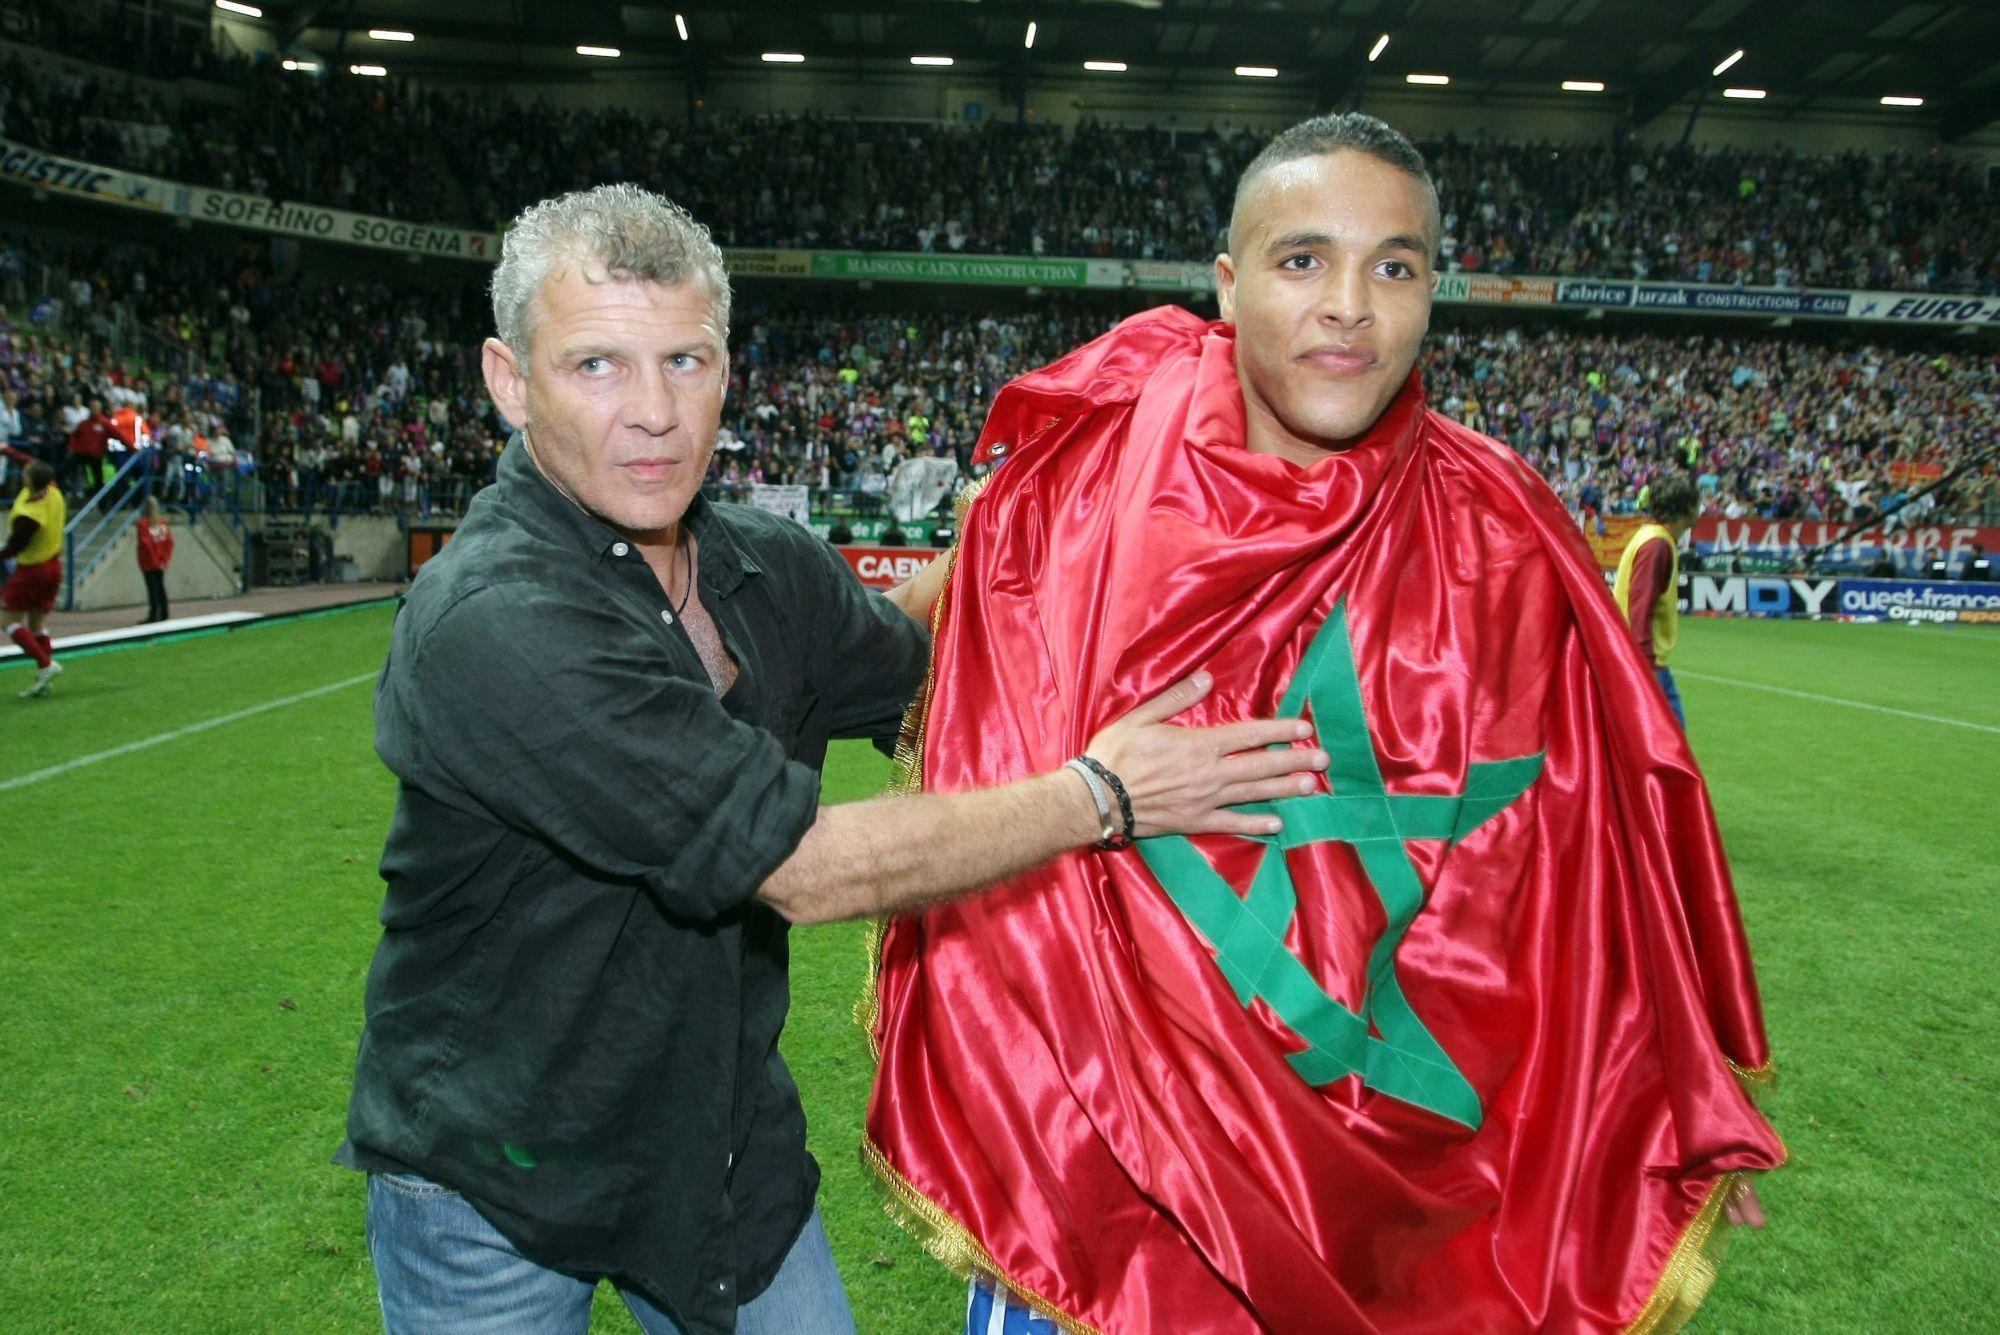 Youssef El-Arabi : « Terminer ma carrière à Caen, ce serait magnifique » (So Foot)